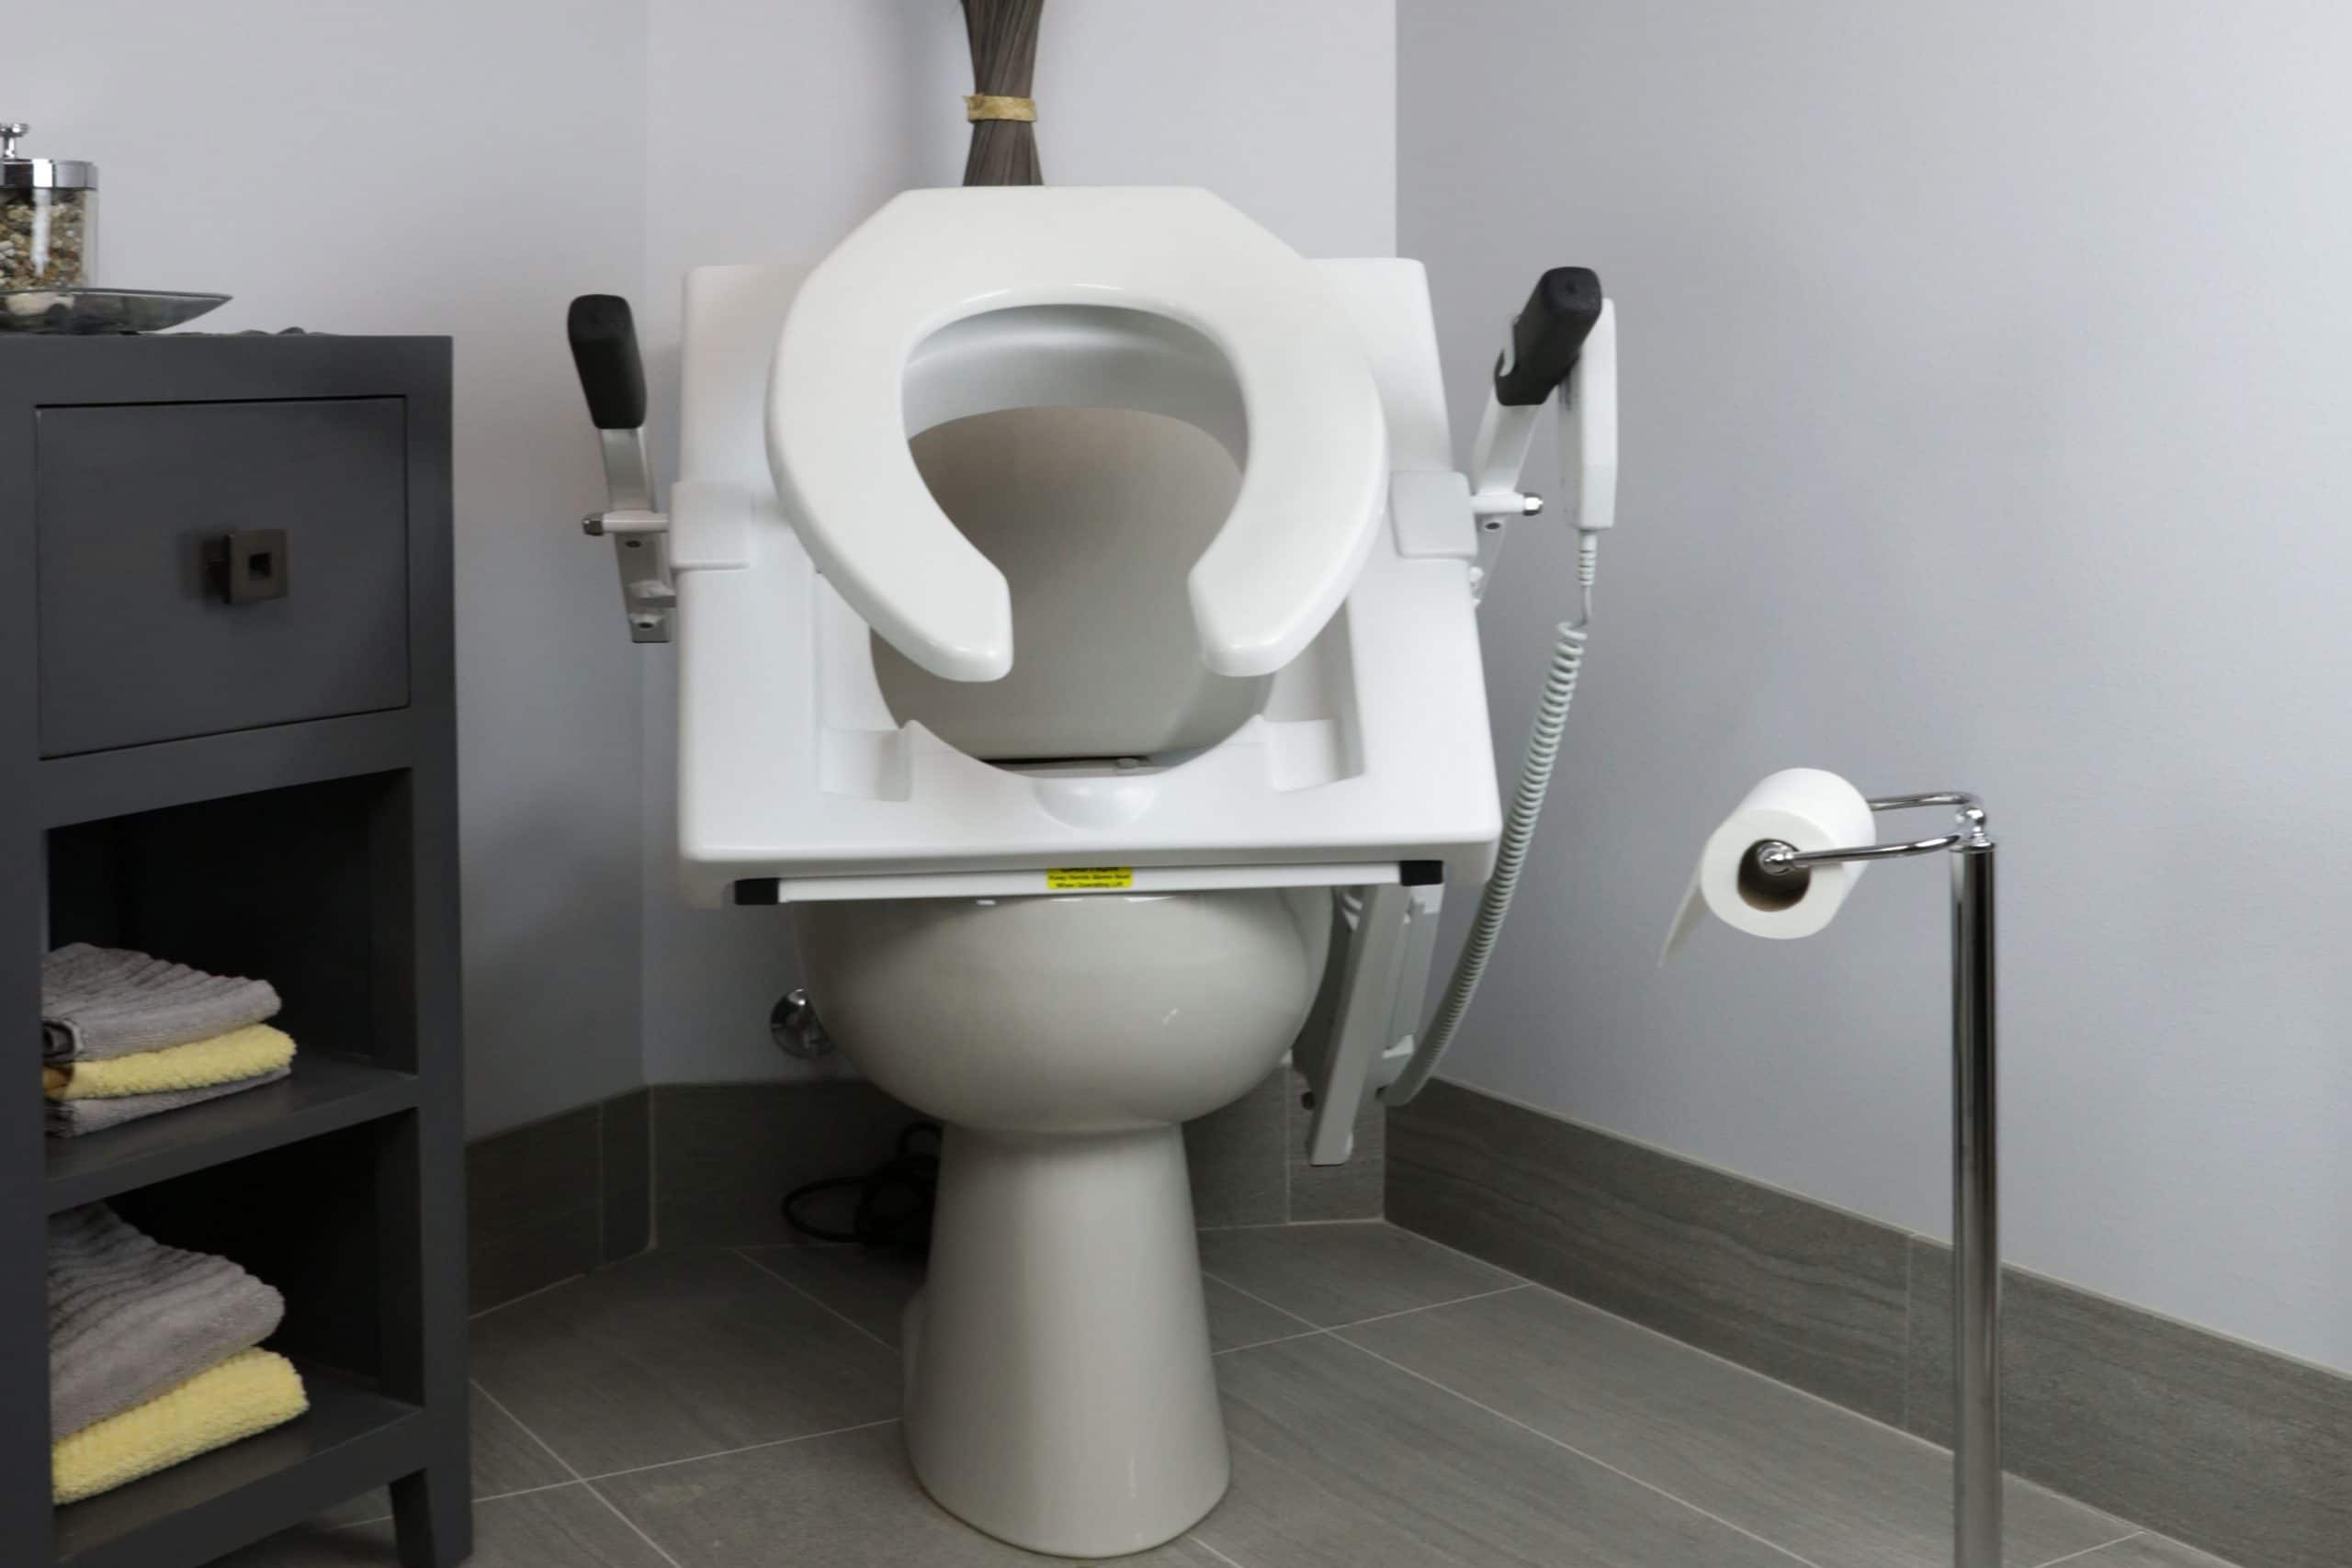 Toilet Tilts – 1